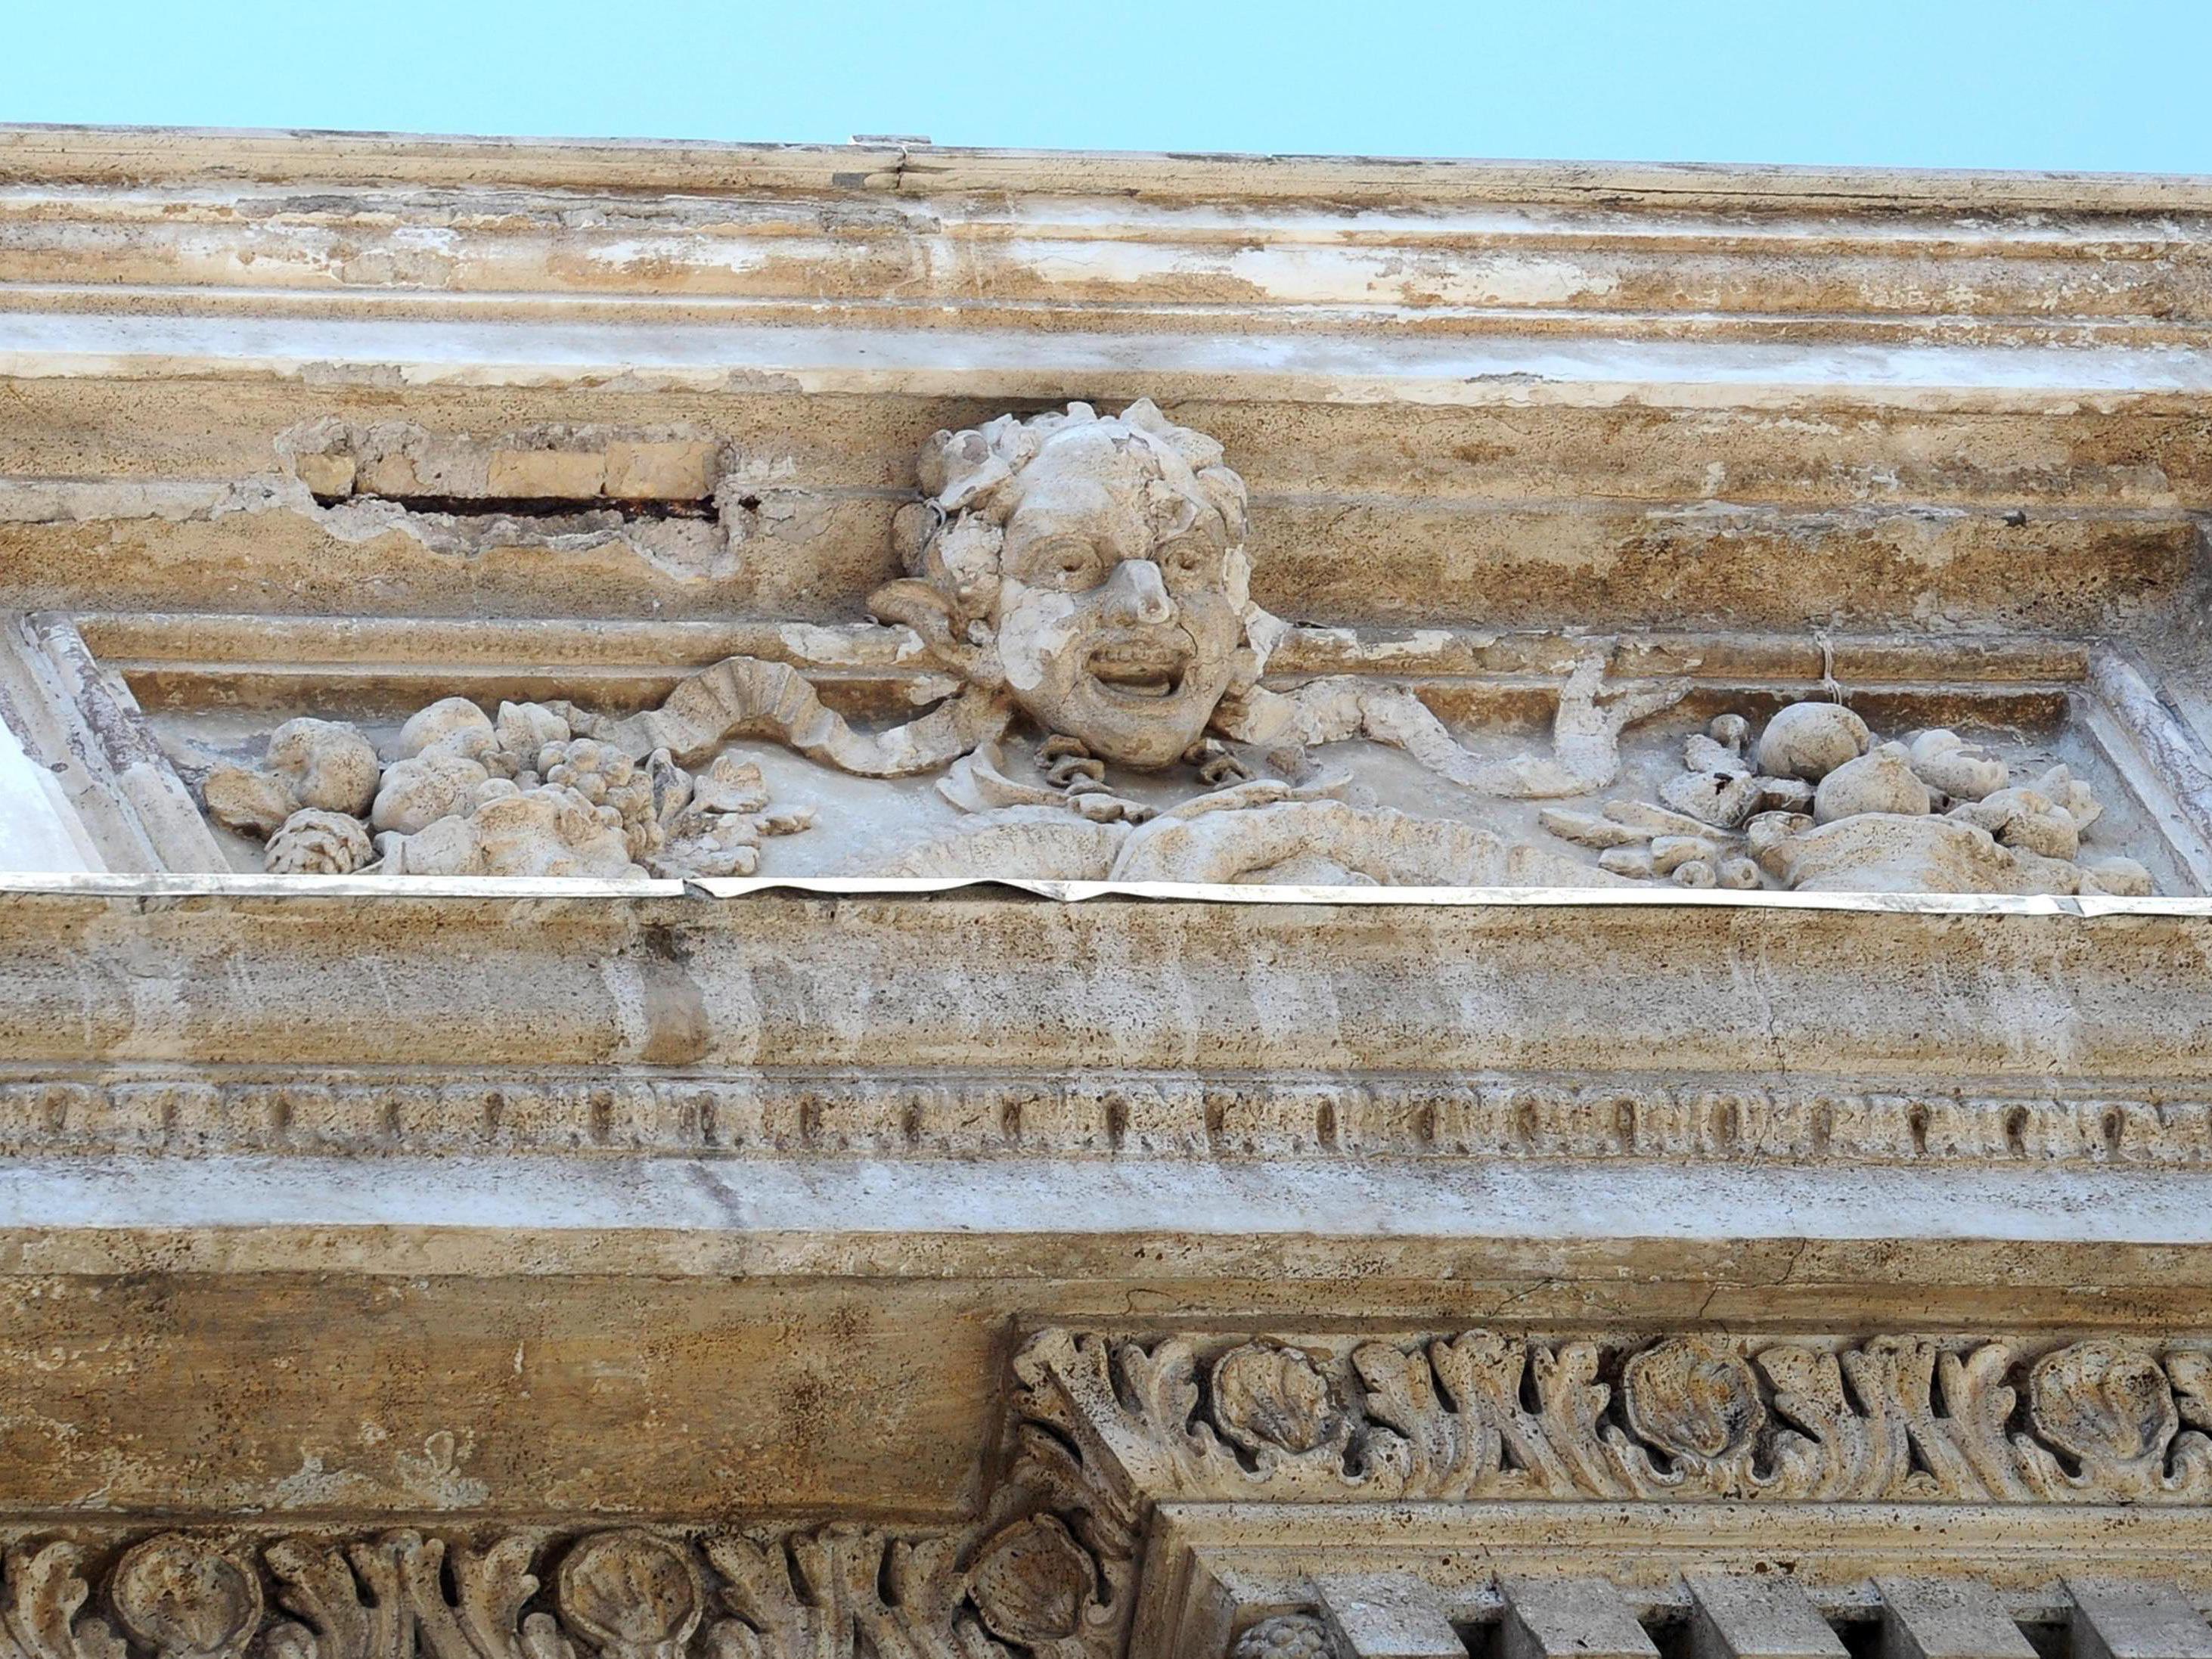 Der Appell des römischen Bürgermeisters für Rettung des barocken Meisterwerks wurde erhört.